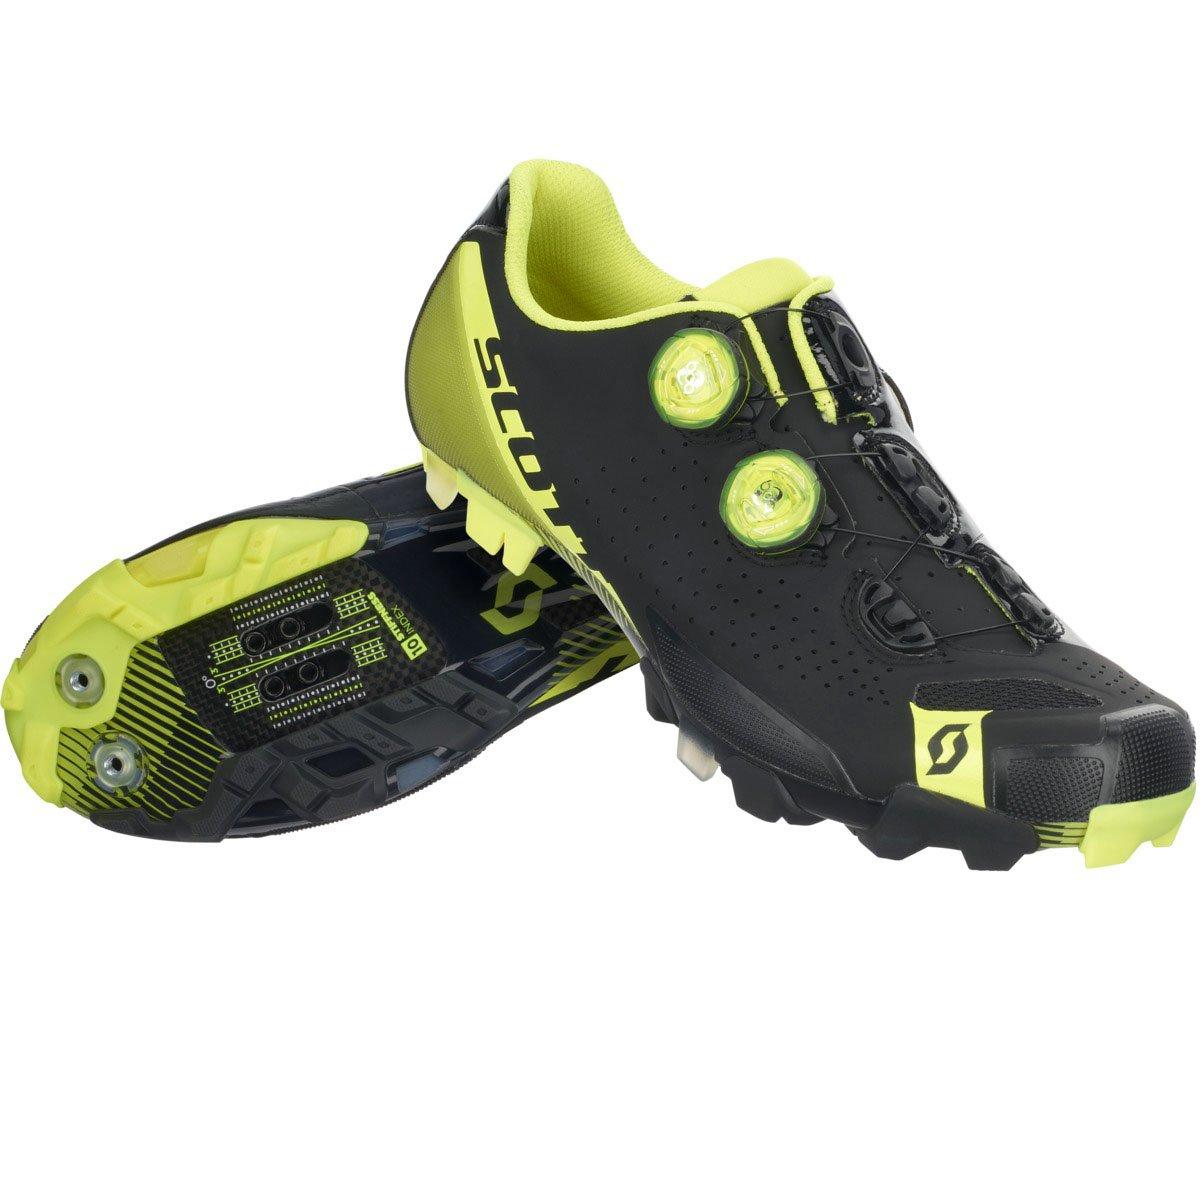 スコット2017メンズMTB RCバイク靴 – 251826 B01LX9AJMV  Matt Black/Gloss Neon Yellow 39